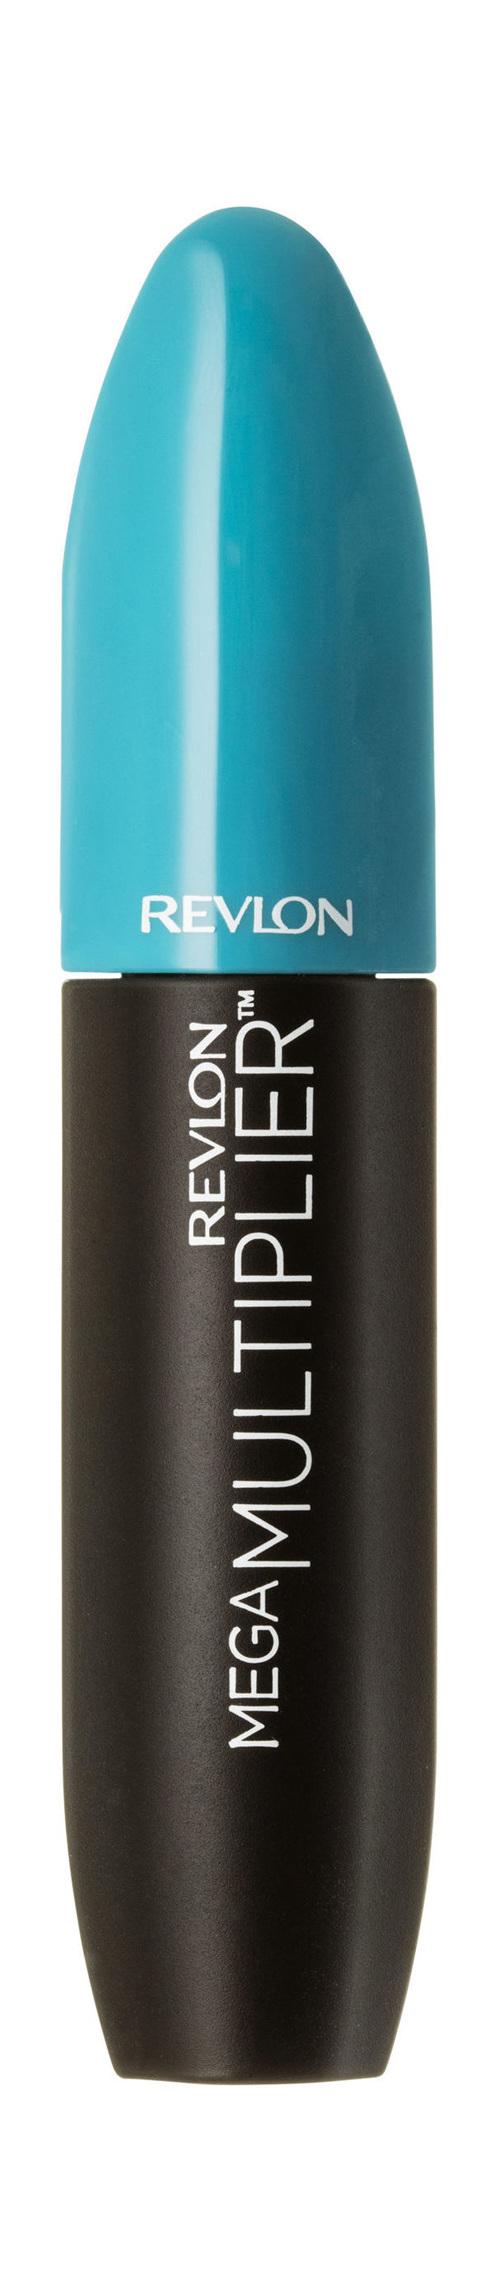 Revlon Mega Multiplier™ Mascara Blackest Black